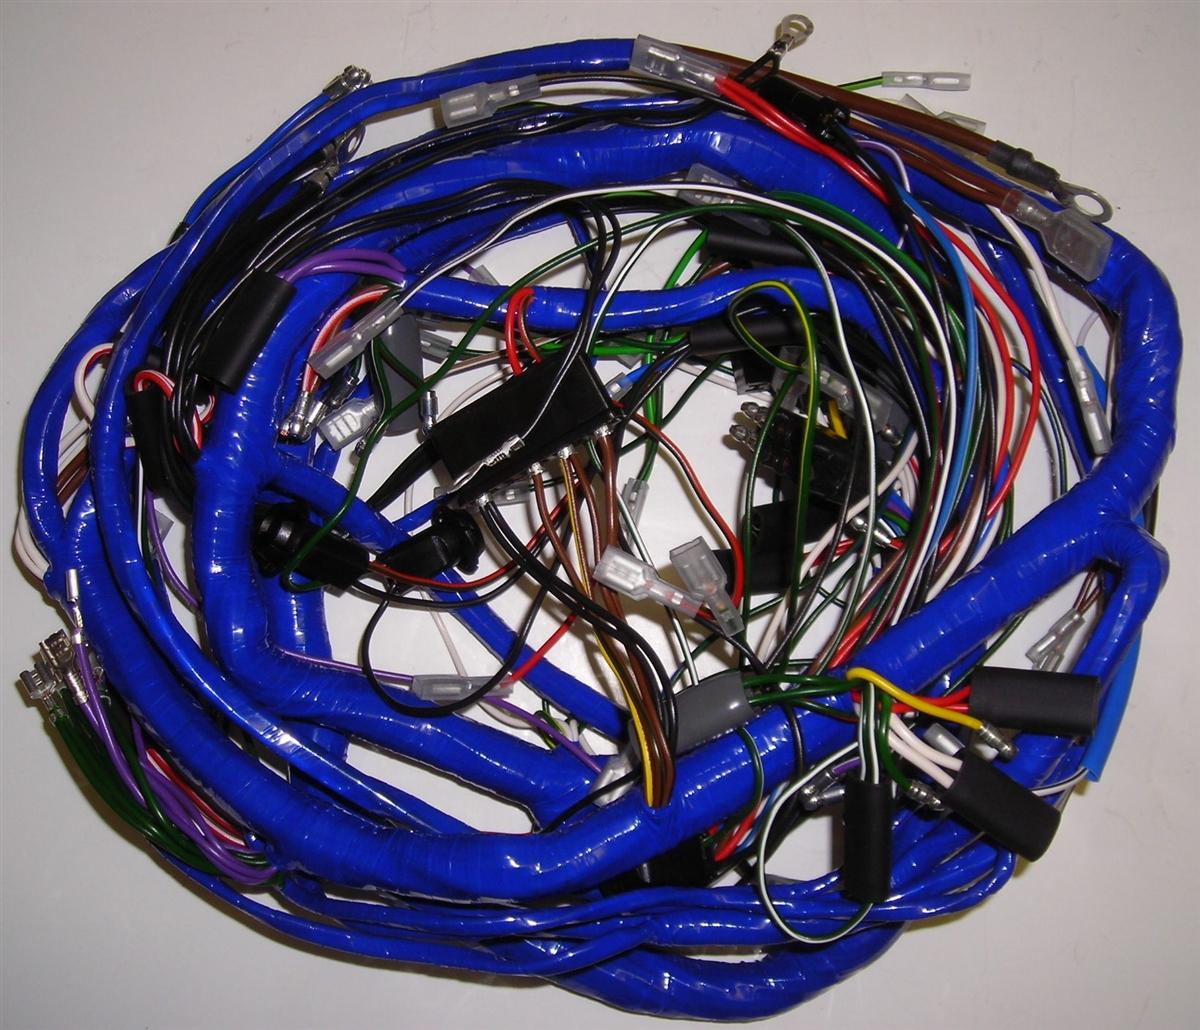 68 mgb wiring diagram [ 1200 x 1030 Pixel ]